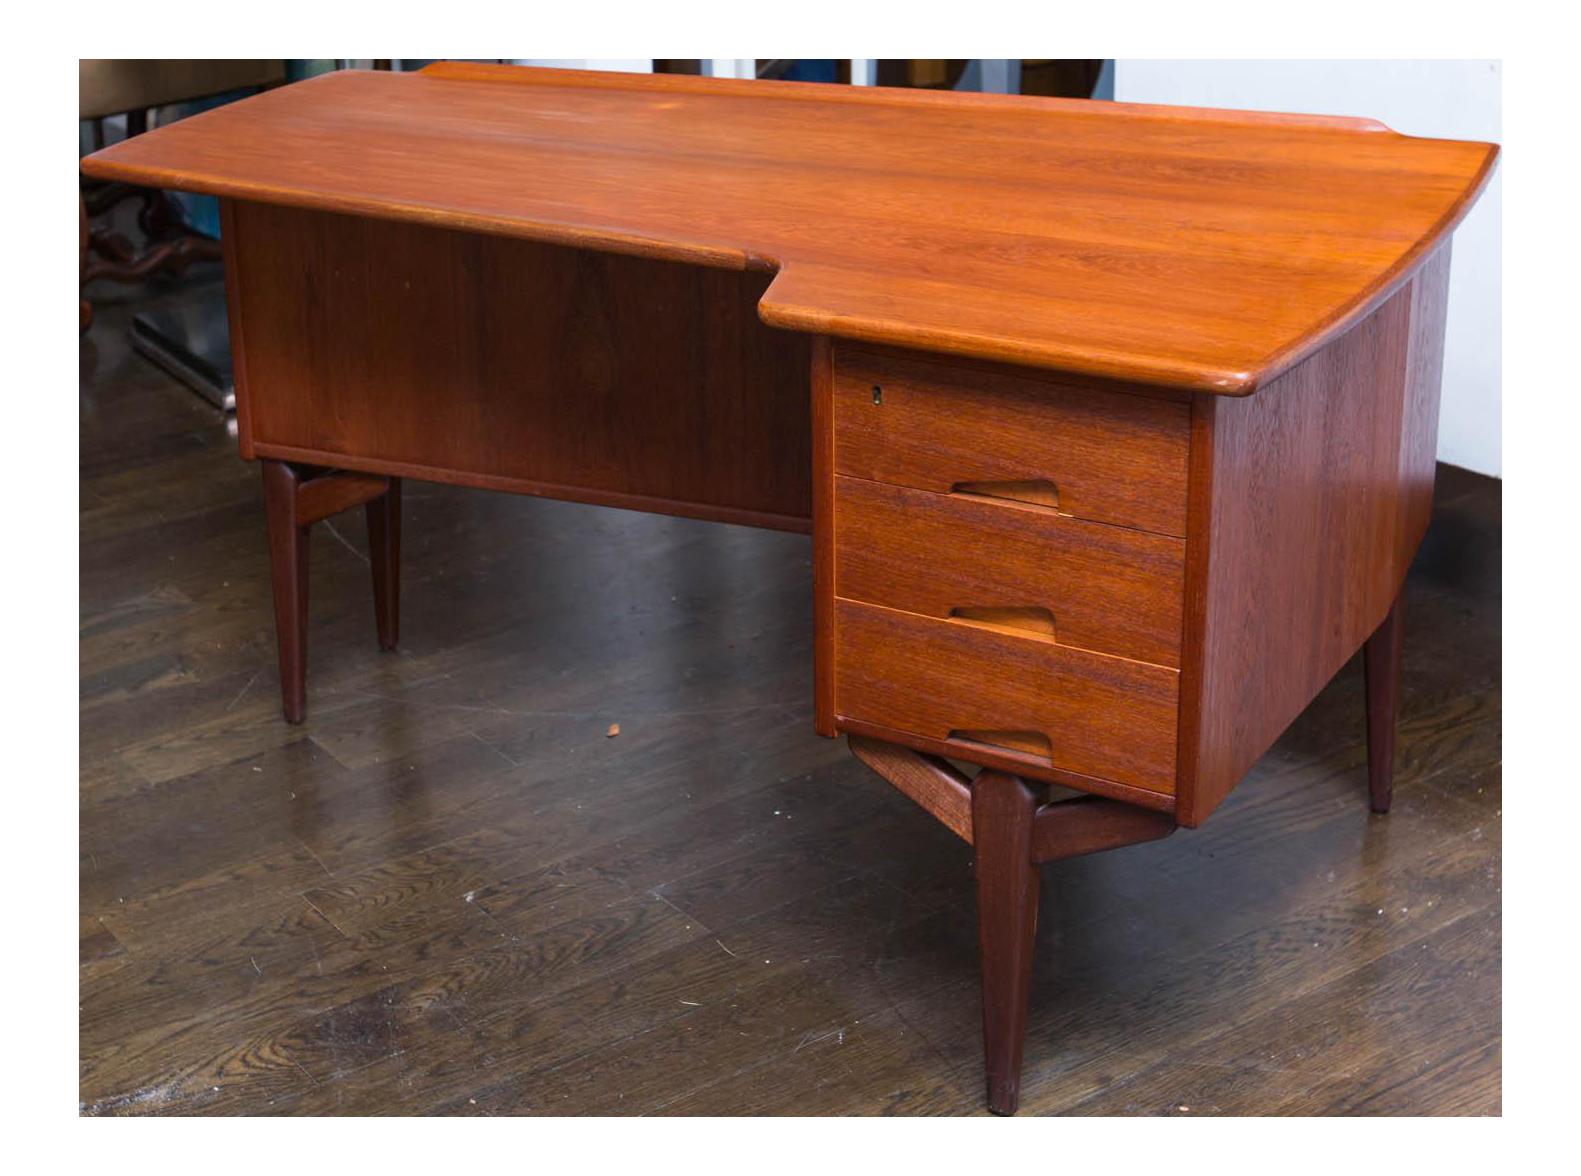 Rare Arne Vodder Teak Boomerang Desk Chairish